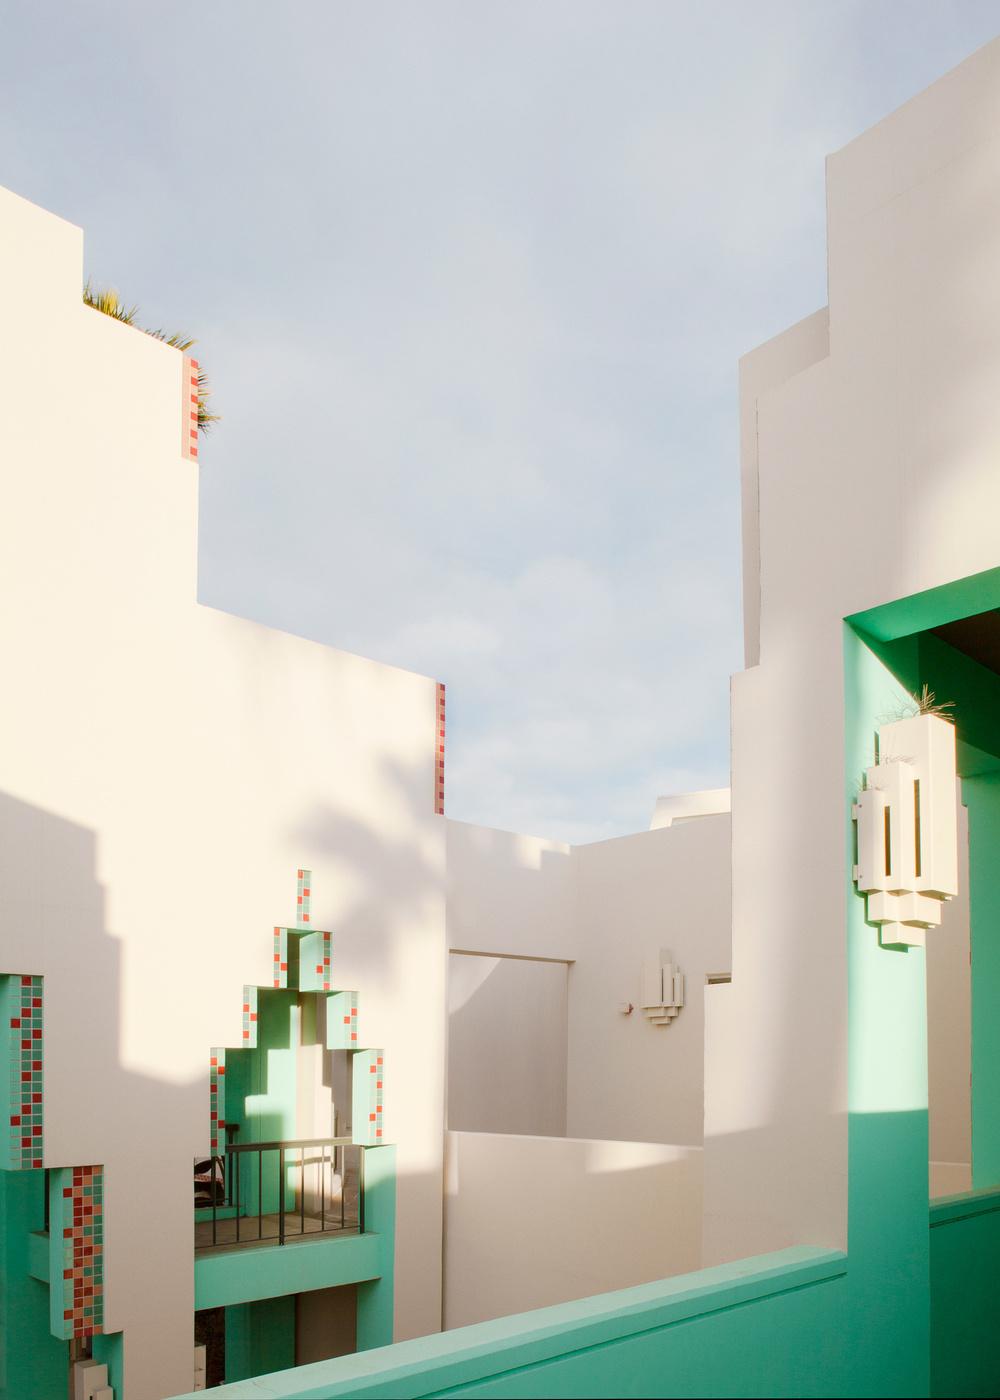 Architecture_08.jpg